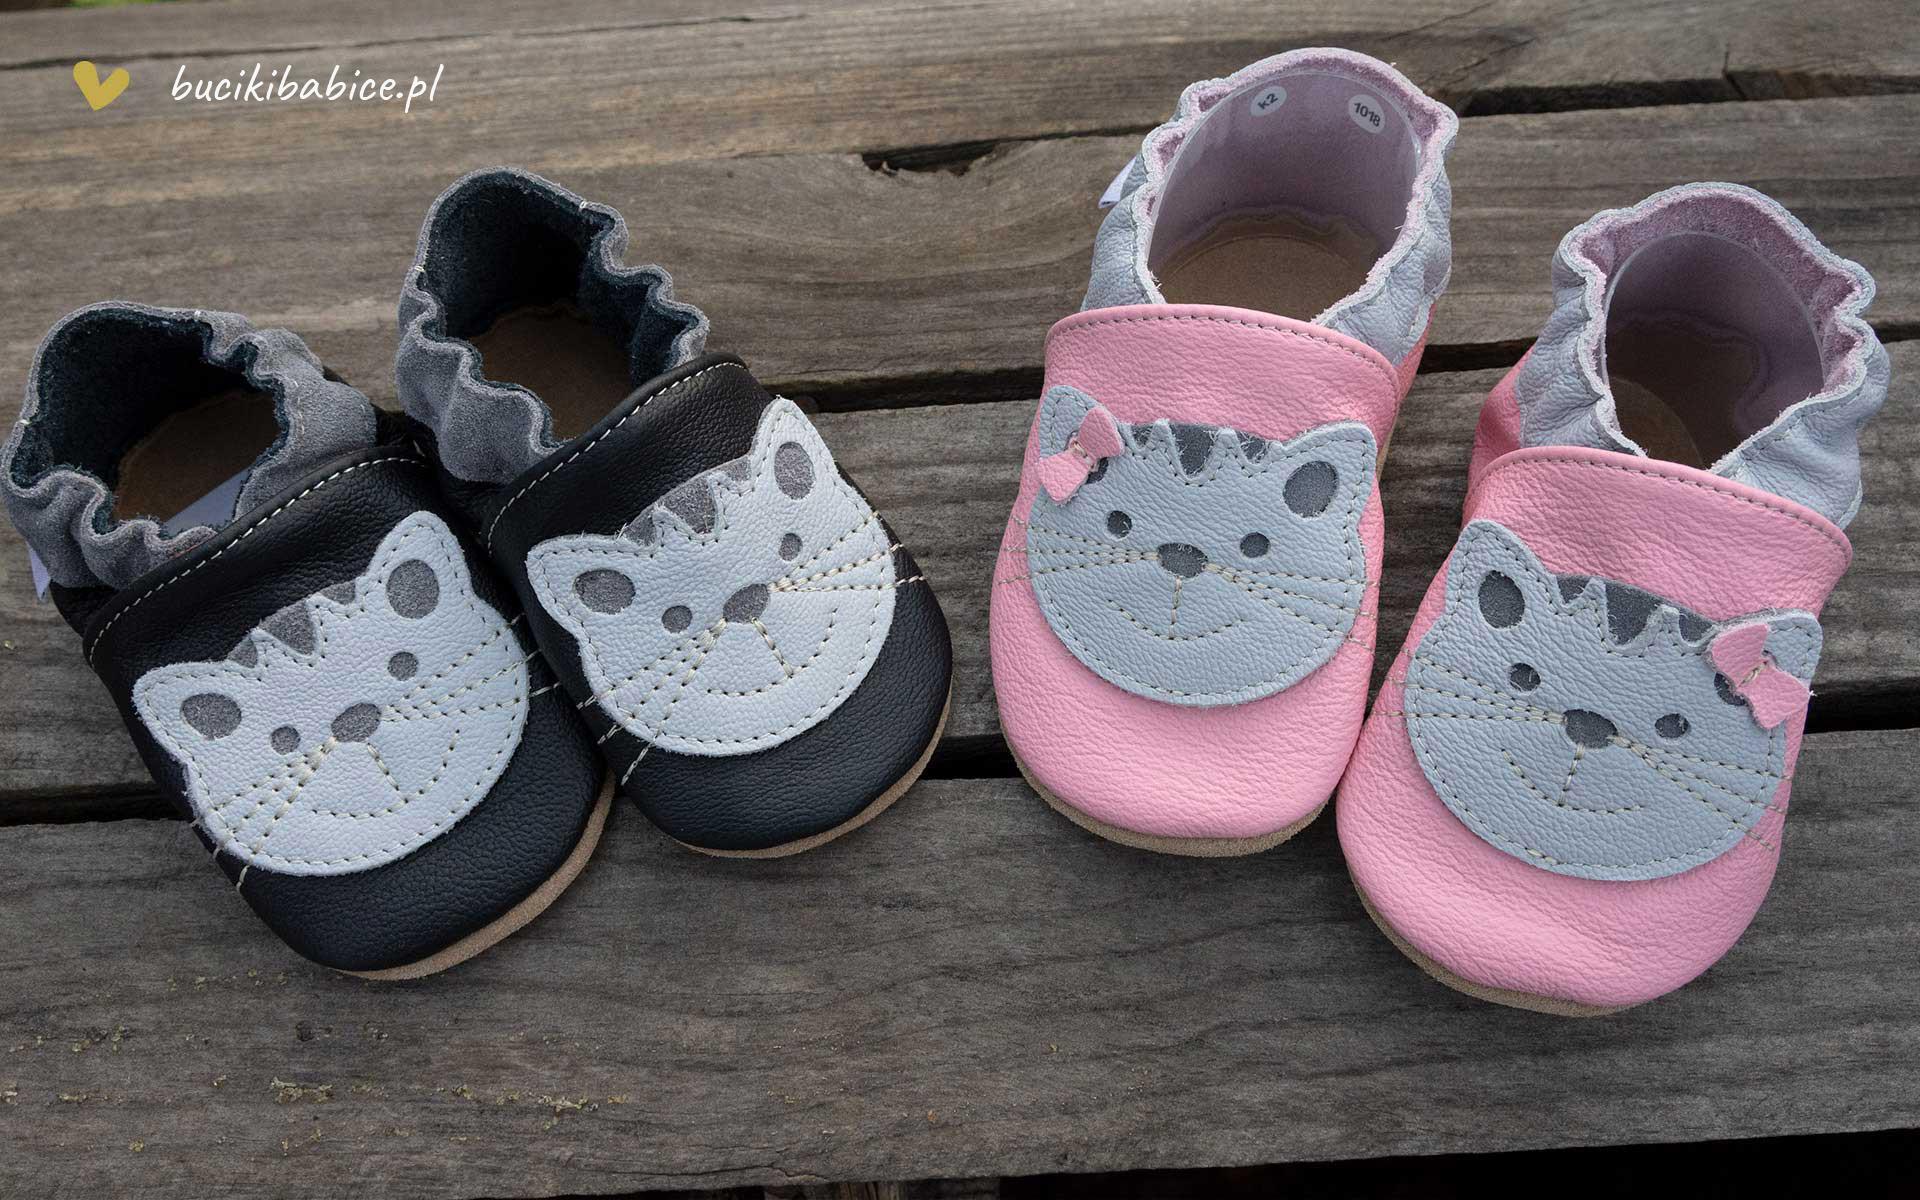 Pierwsze buty dla dziecka. Jak wybrać najlepsze?